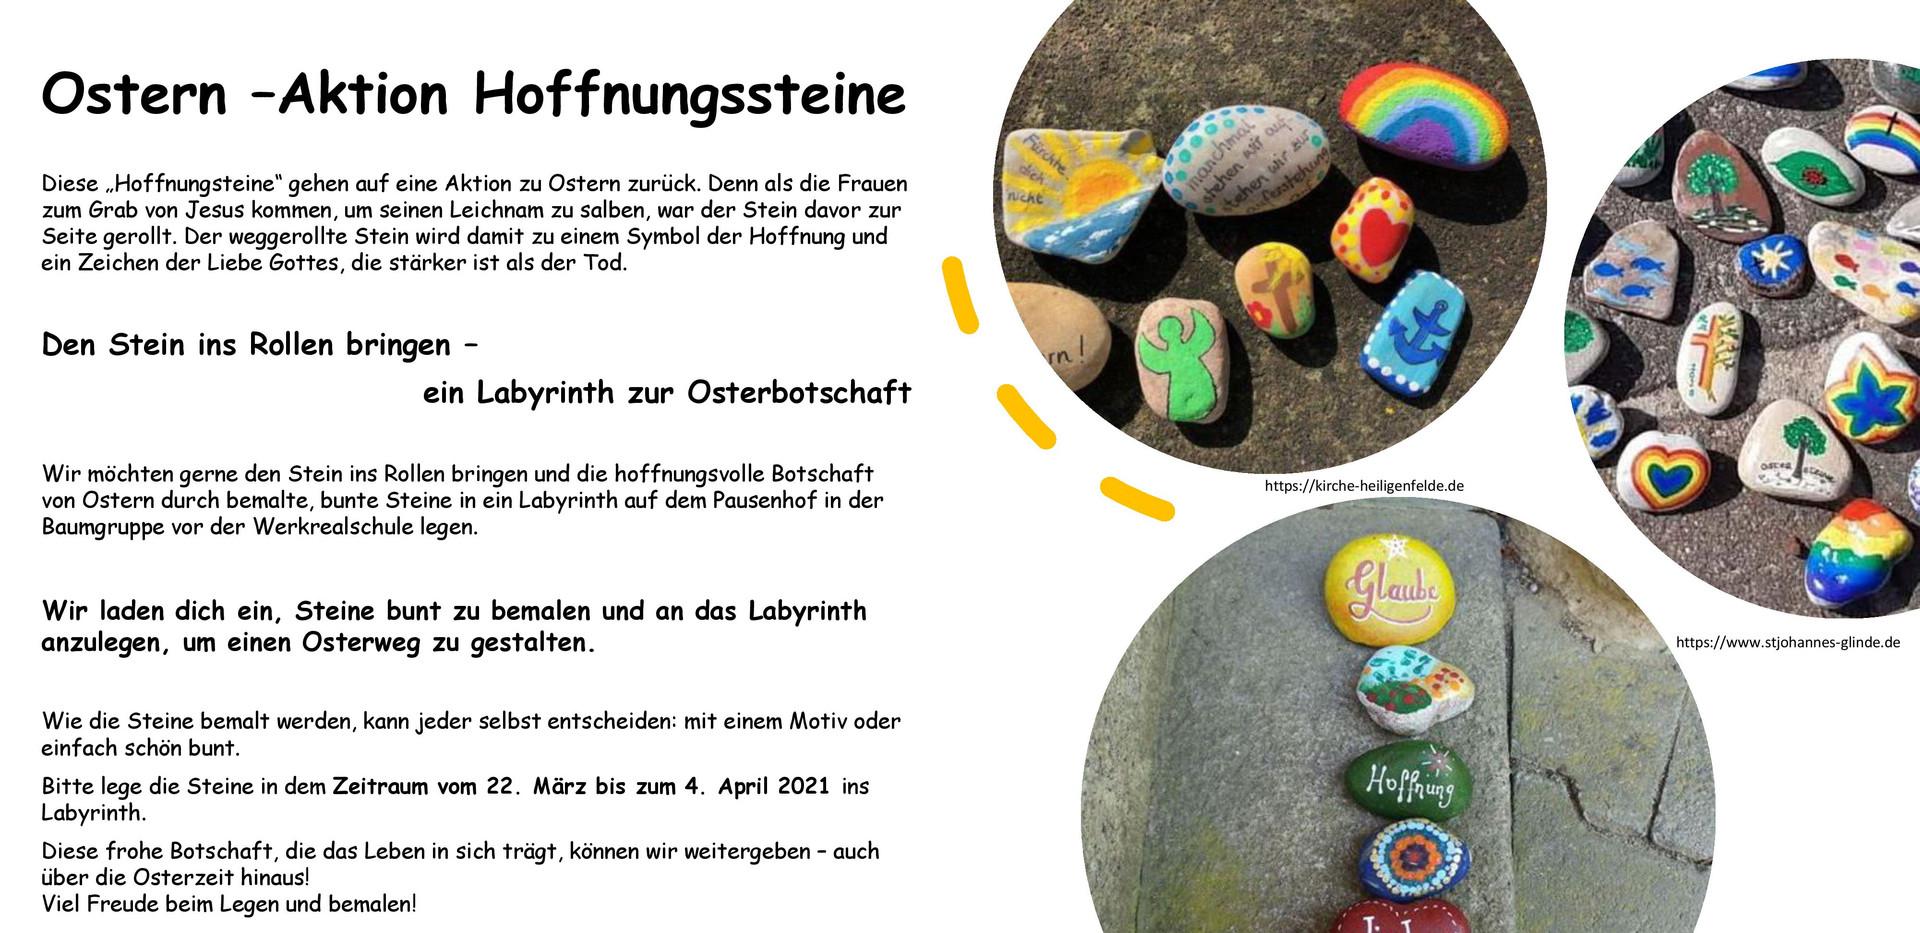 Ostern - Aktion Hoffnungssteine.jpg